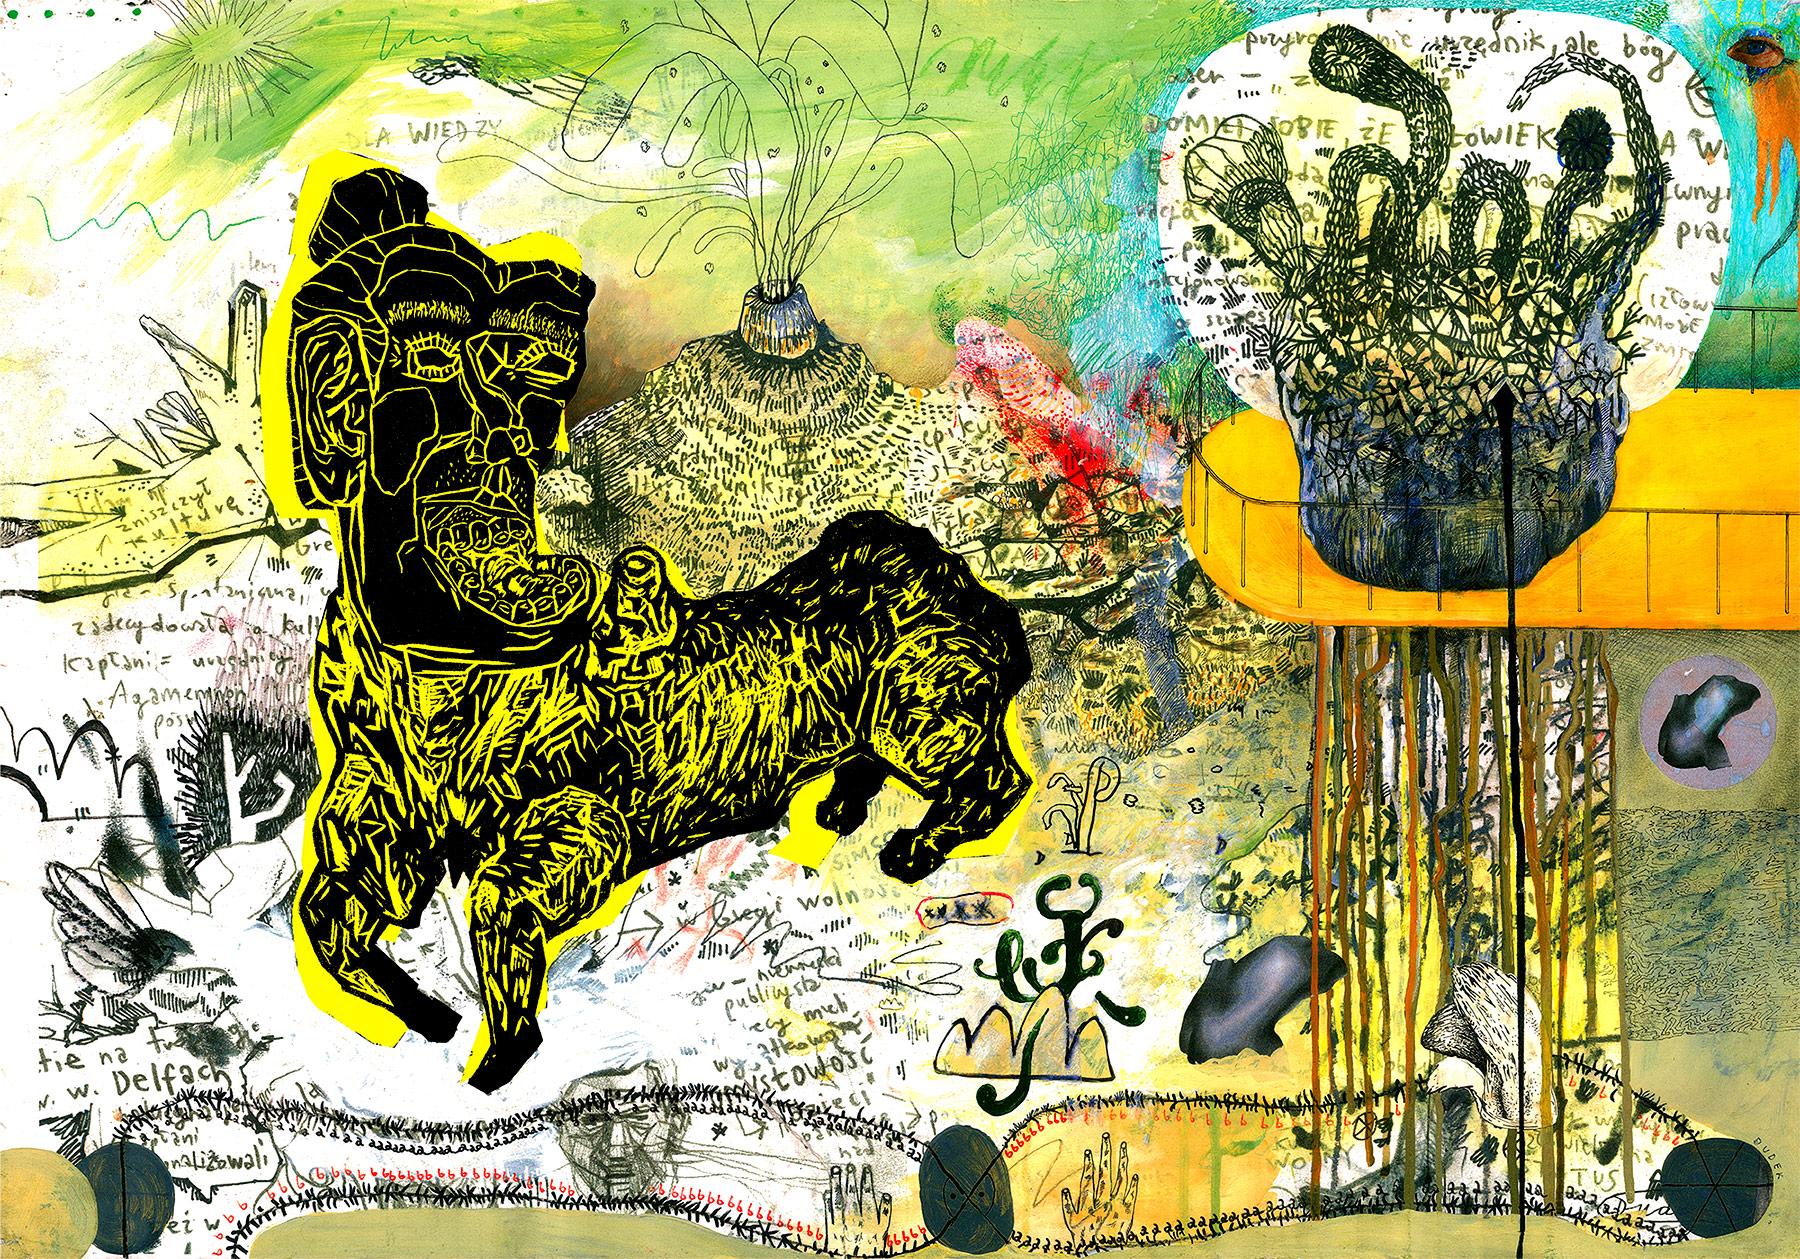 plakater-posters-kunsttryk, farverige, ekspressionistiske, figurative, landskab, surrealistiske, dyreliv, botanik, natur, himmel, sorte, grønne, turkise, gule, blæk, papir, samtidskunst, dekorative, design, interiør, bolig-indretning, moderne, moderne-kunst, plakater, flotte, Køb original kunst og kunstplakater. Malerier, tegninger, limited edition kunsttryk & plakater af dygtige kunstnere.